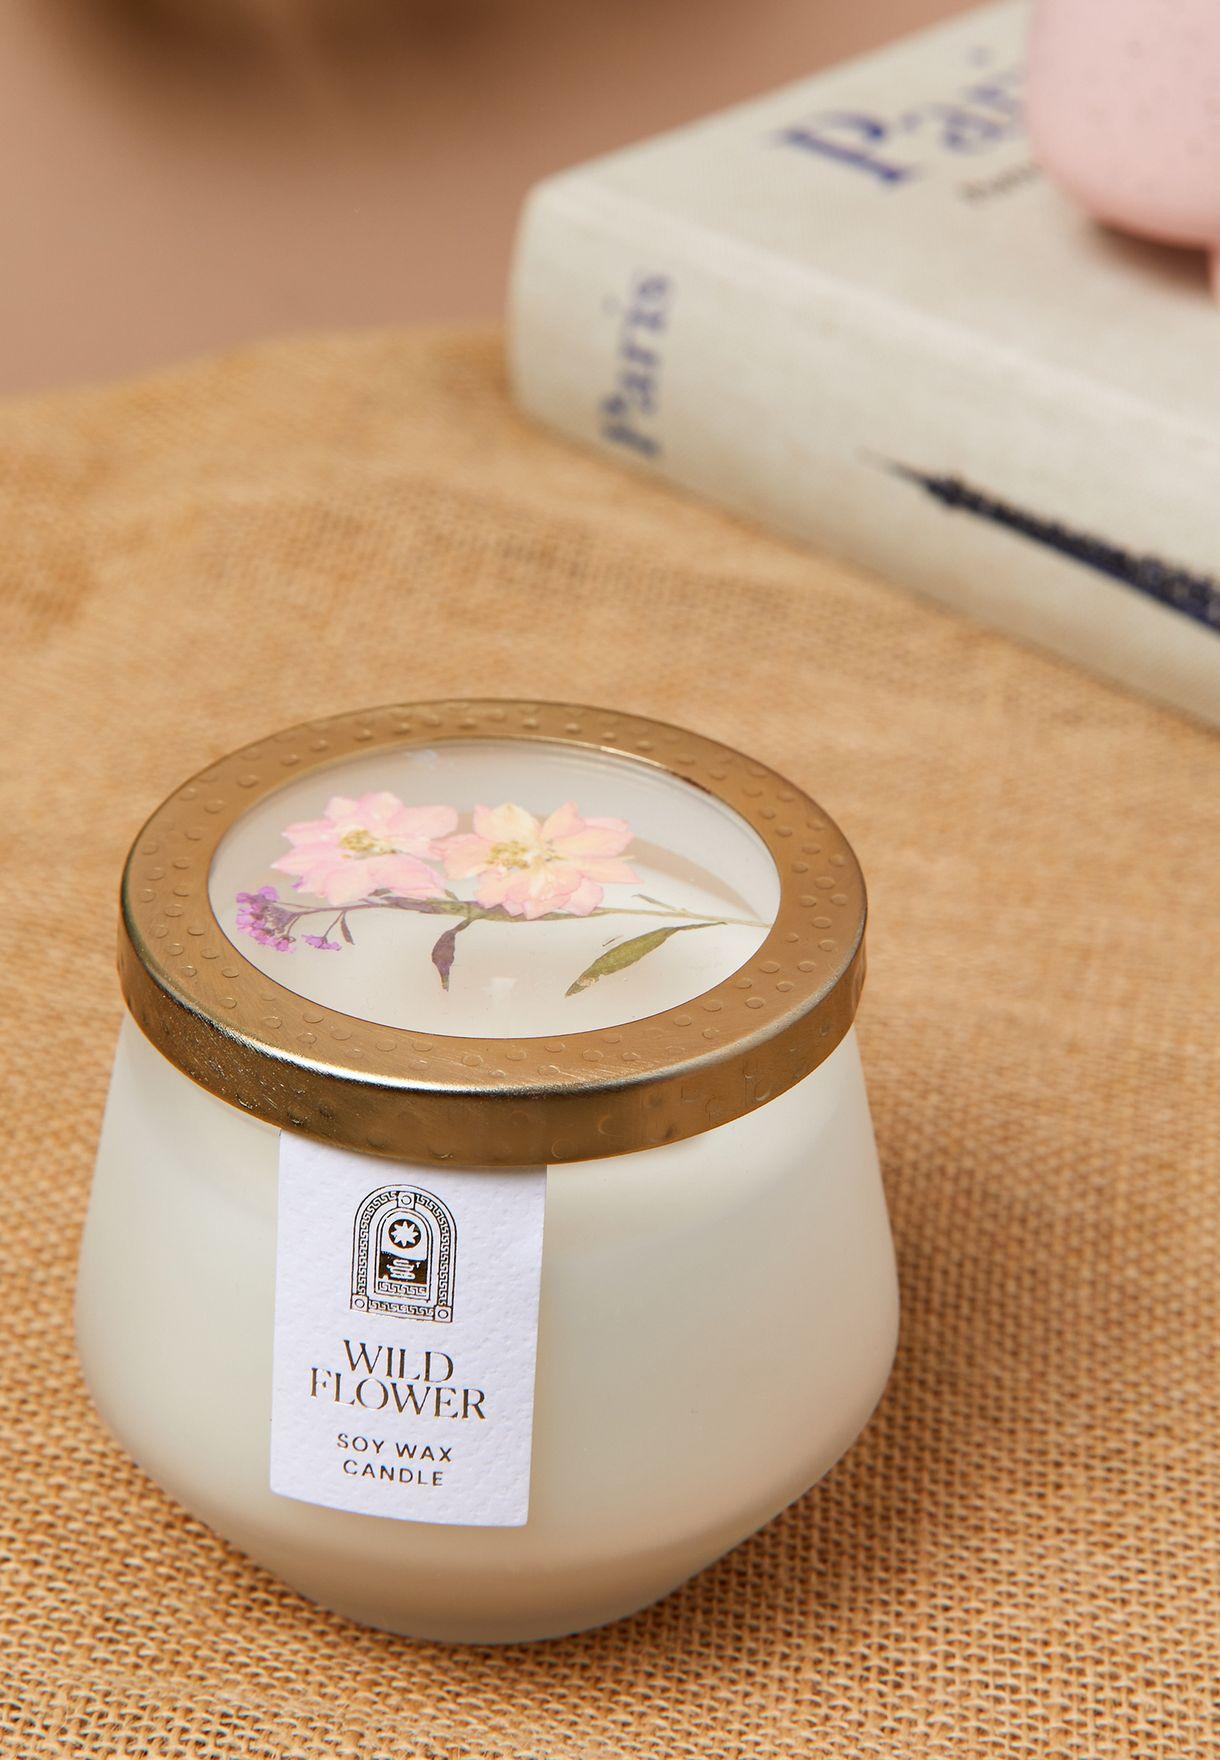 Peony & Blossom Botanical Candle